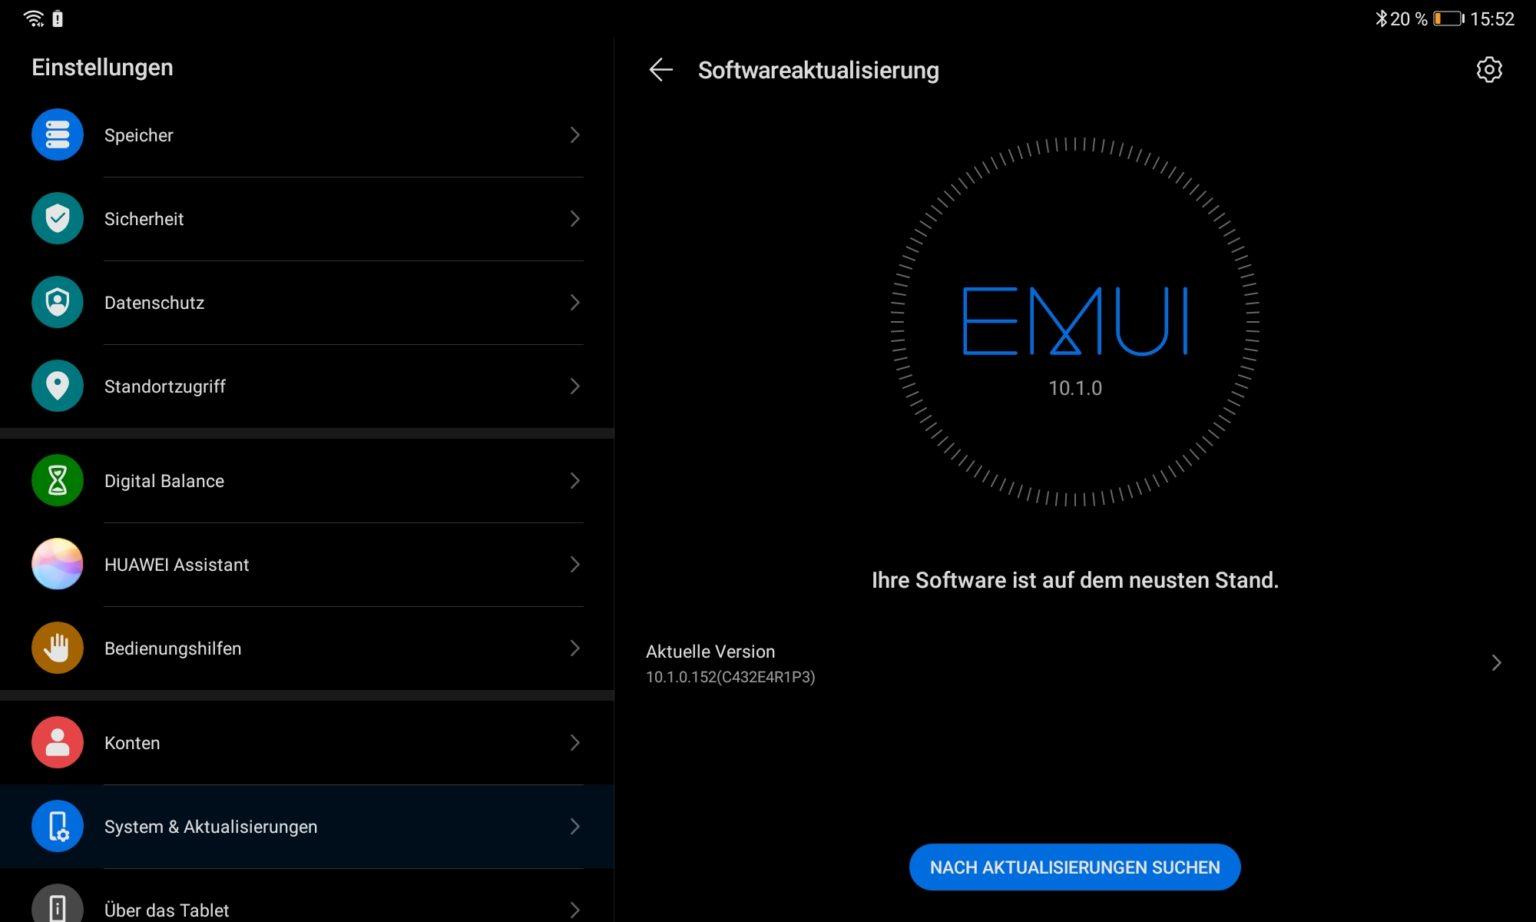 EMUI en la Tablet Huawei MatePad